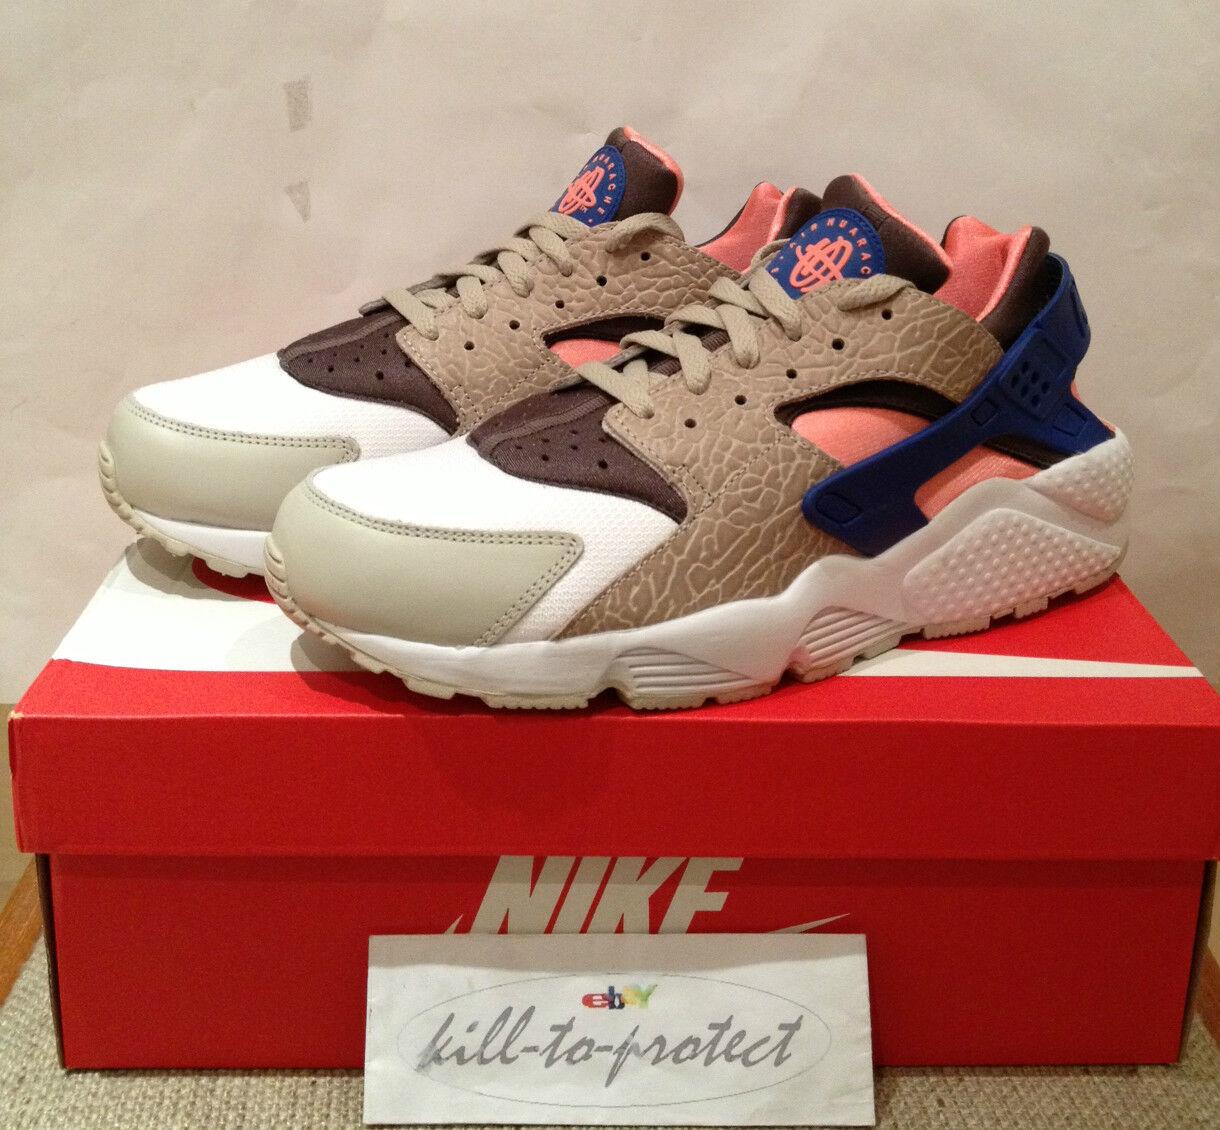 Nike Air Huarache US Grigio rosa Blu Taglia? cemento 318429-046 | Folle Prezzo  | Uomo/Donne Scarpa